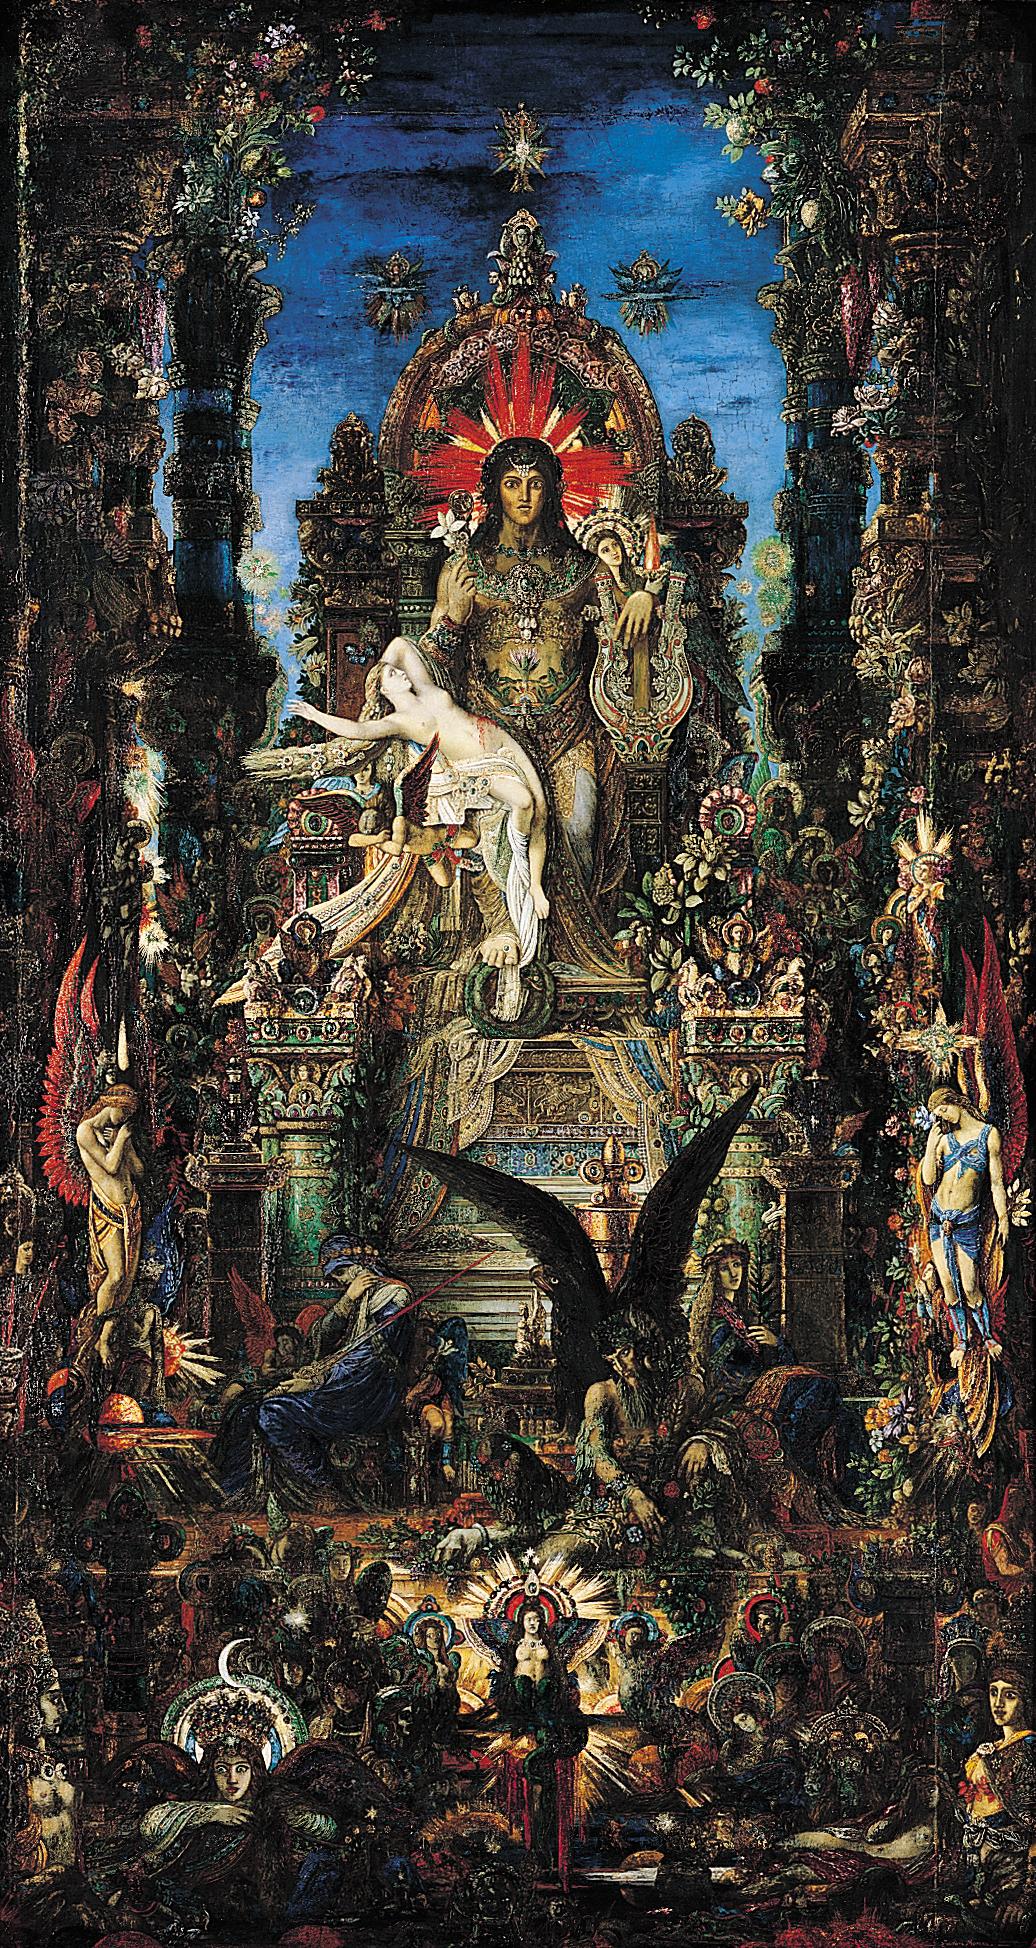 Jupiter et Sémélé, Moreau